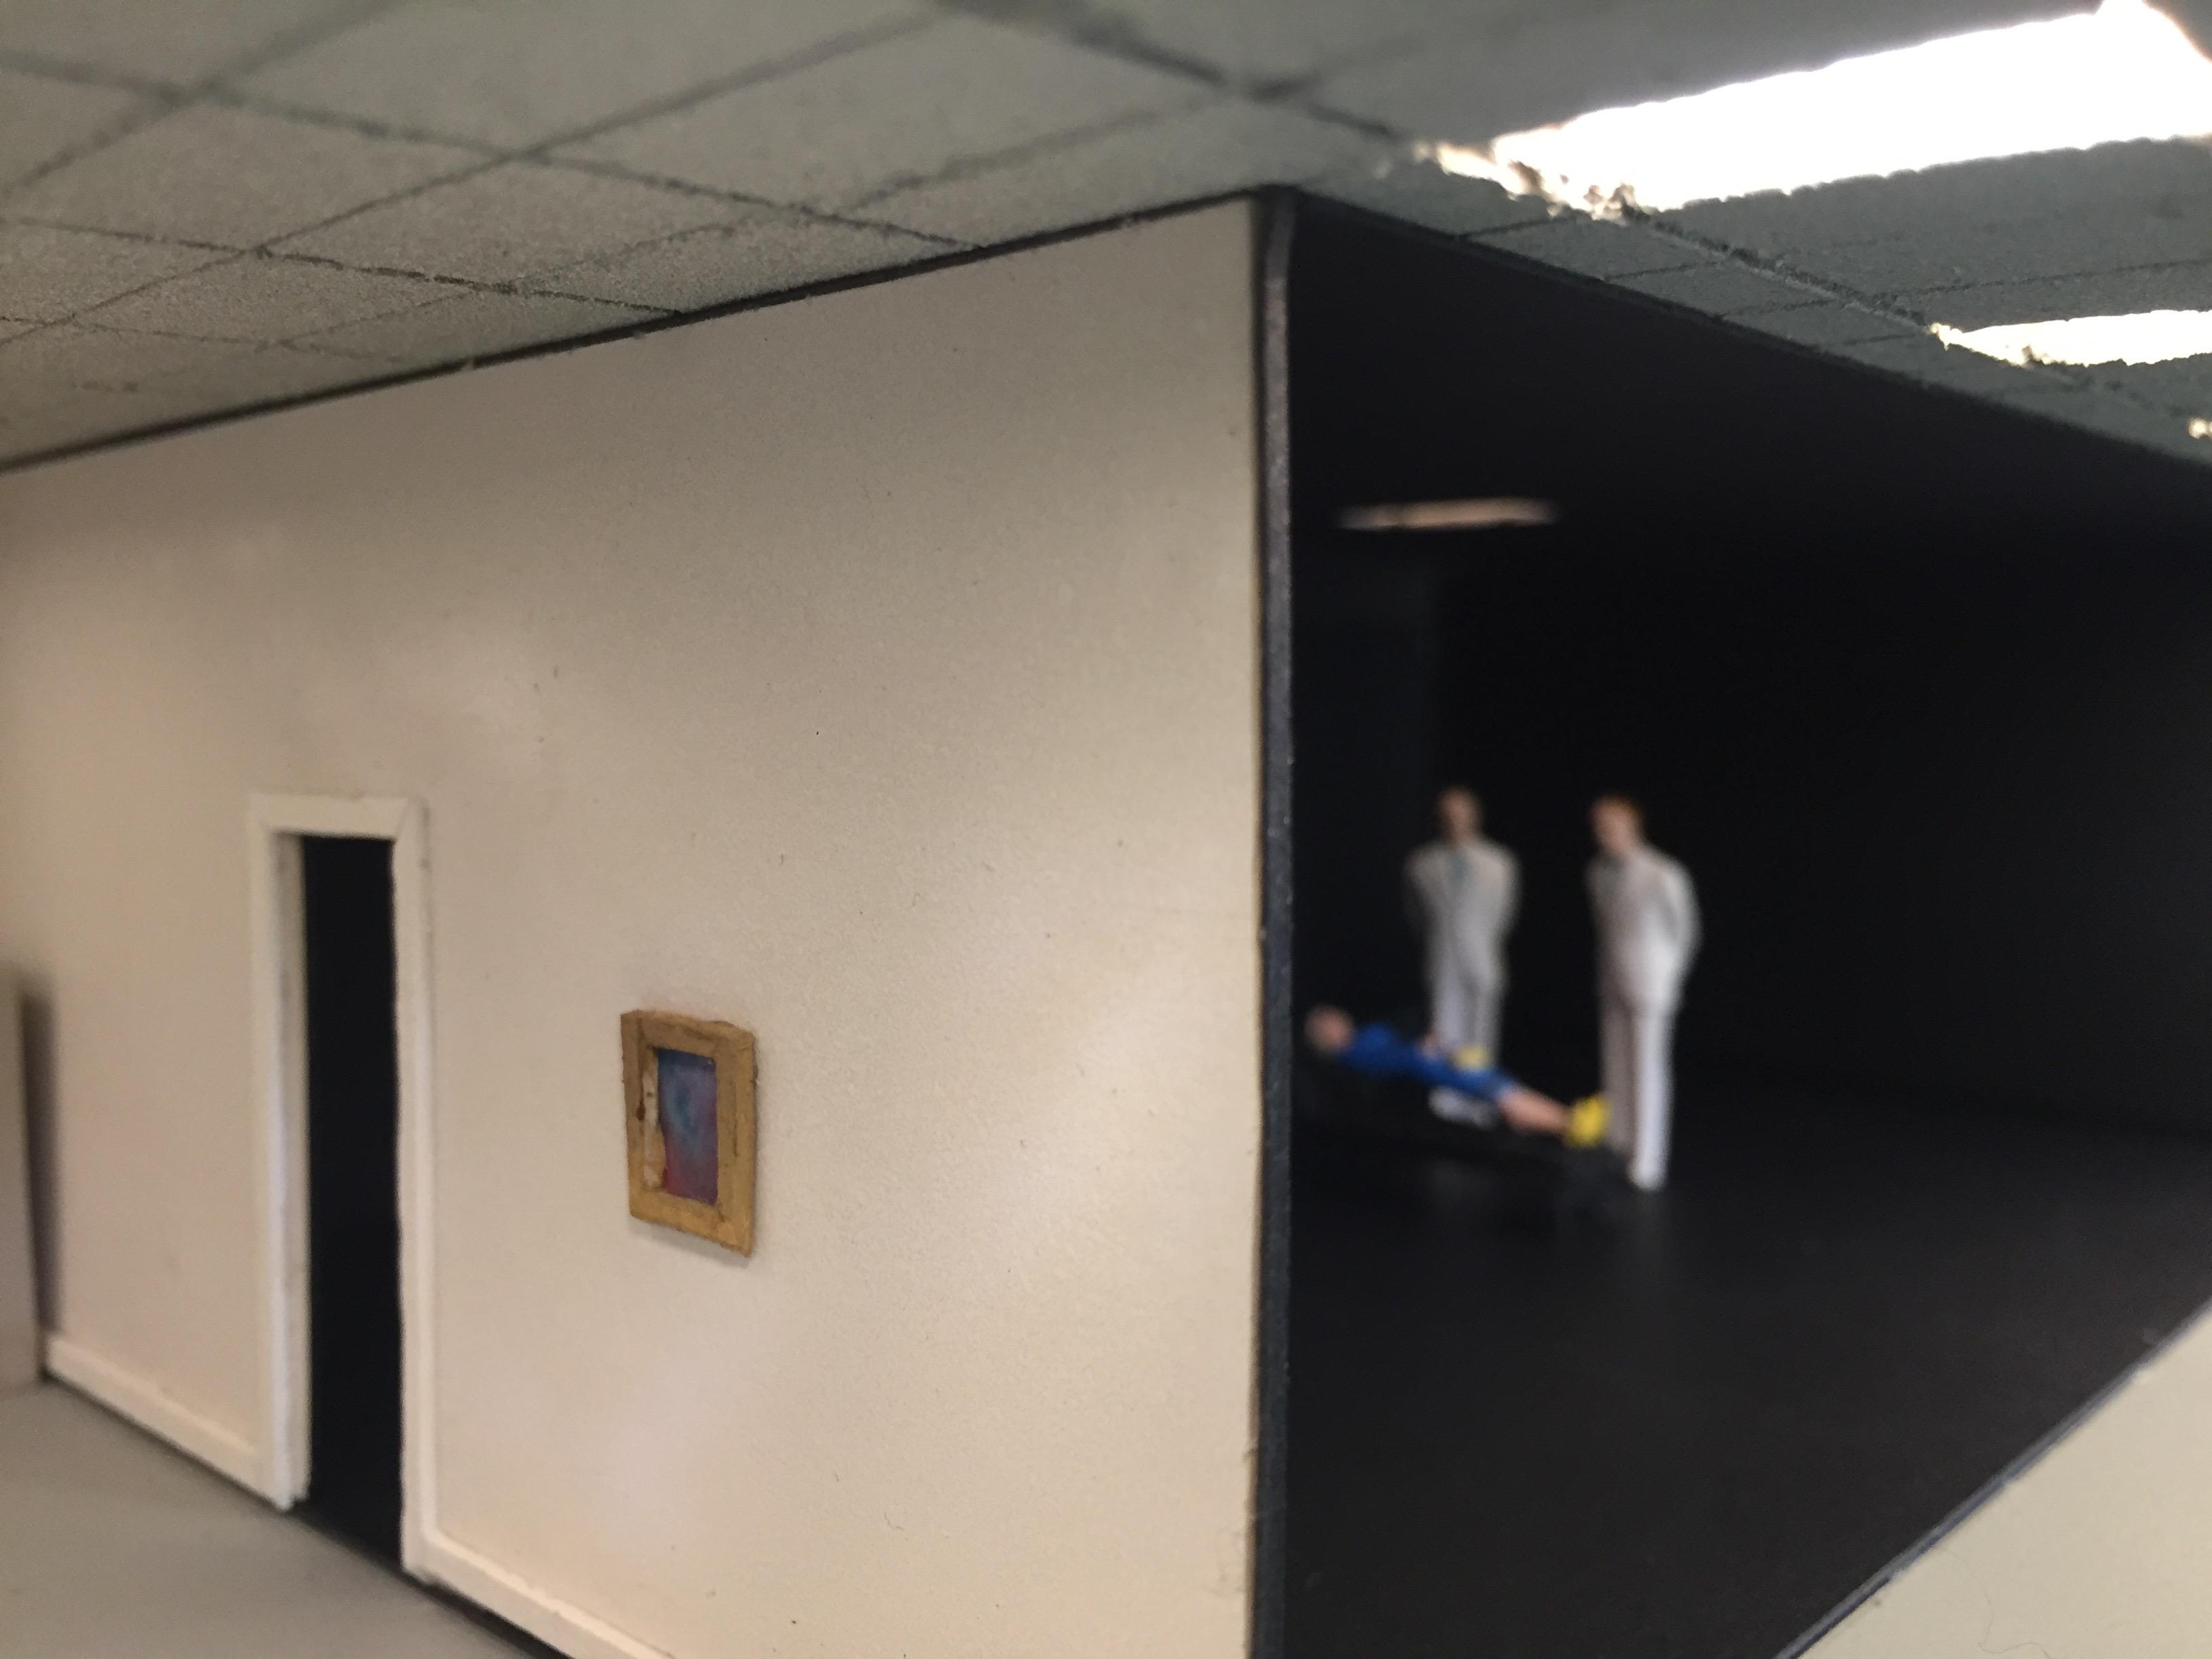 The Examining Room